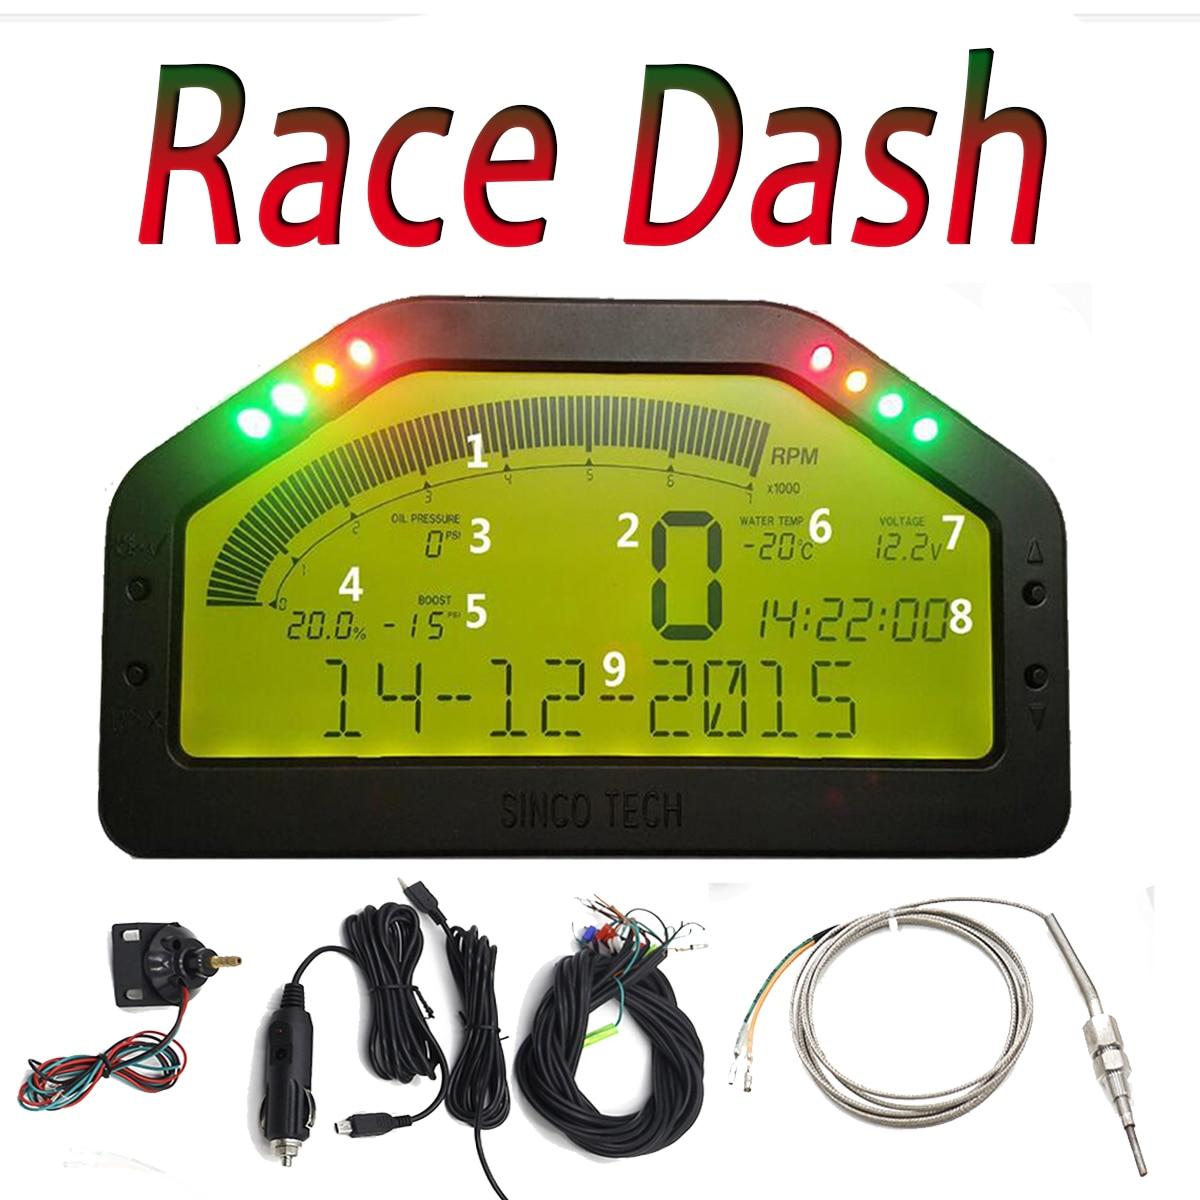 Nouveau Étanche 9000 rpm Dash Course Affichage Capteur Plein Kit Tableau de Bord LCD Écran Rallye Jauge Avec Bluetooth Fonction